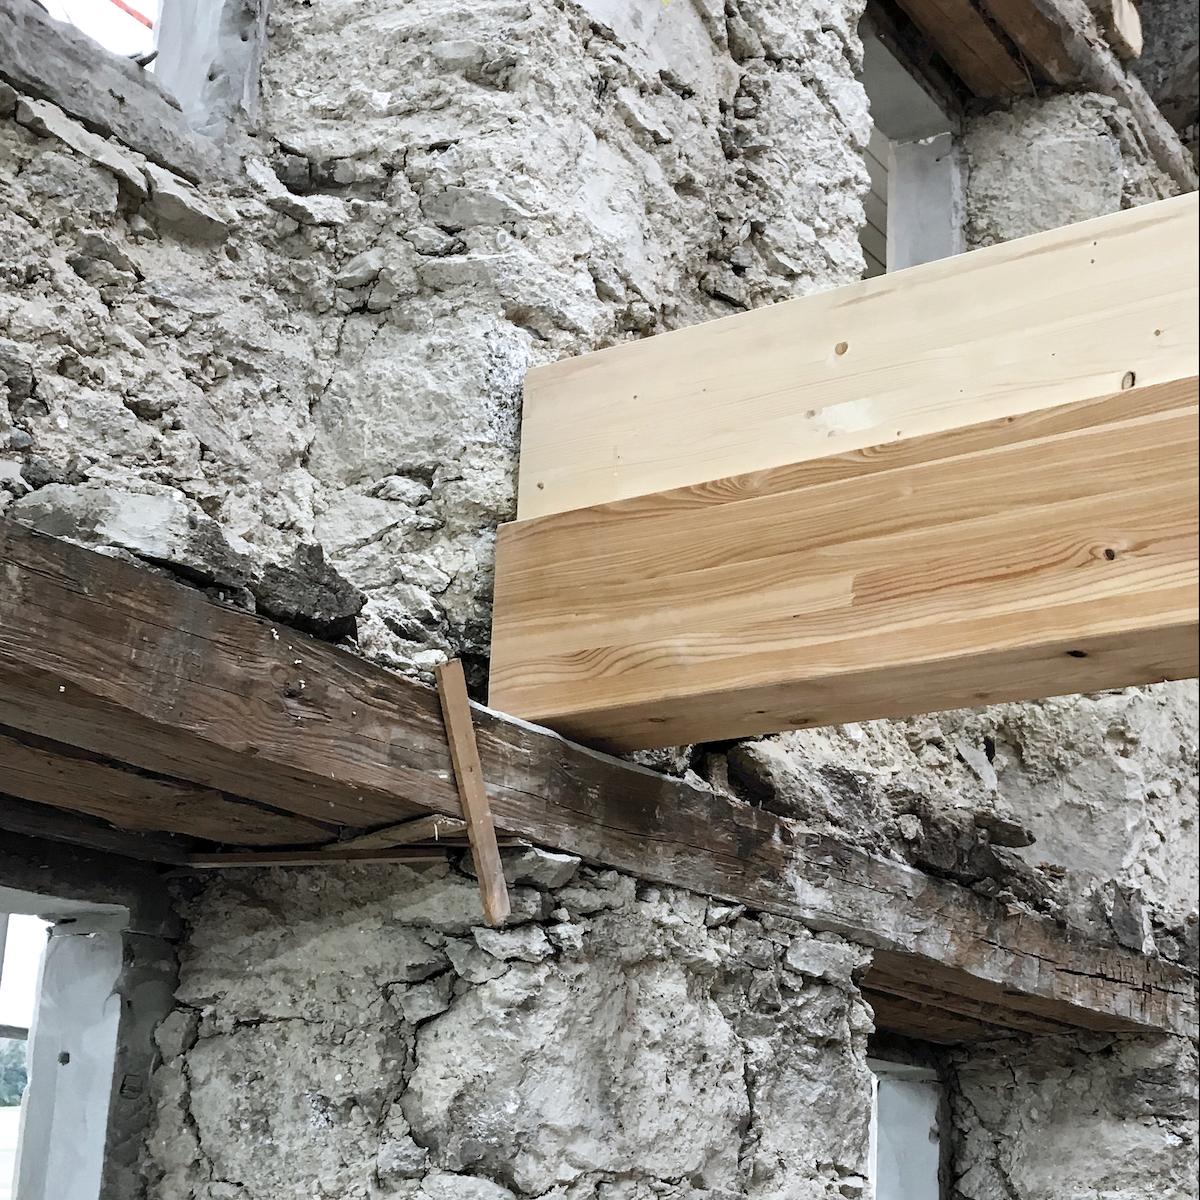 In die alte Hülle wurde eine neue Holzbaustruktur eingefügt: neue Balken auf alte Mauern gelegt.